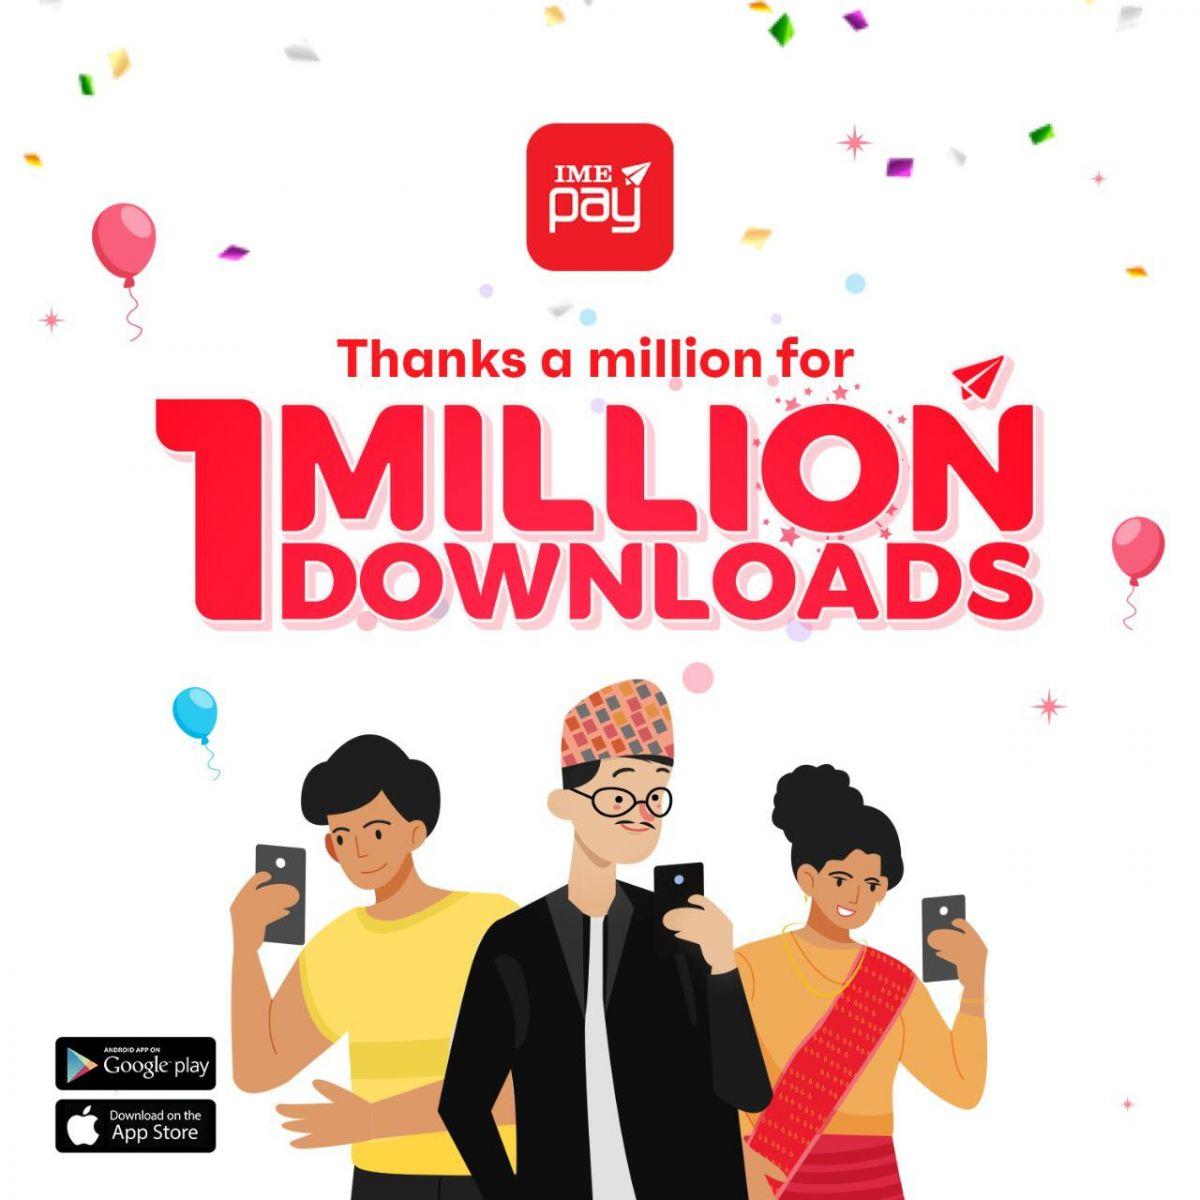 आइएमई पेको छलाङ, एप डाउनलोड गर्ने १० लाख पुगे, ३० लाख घरपरिवारसम्म पहुँच